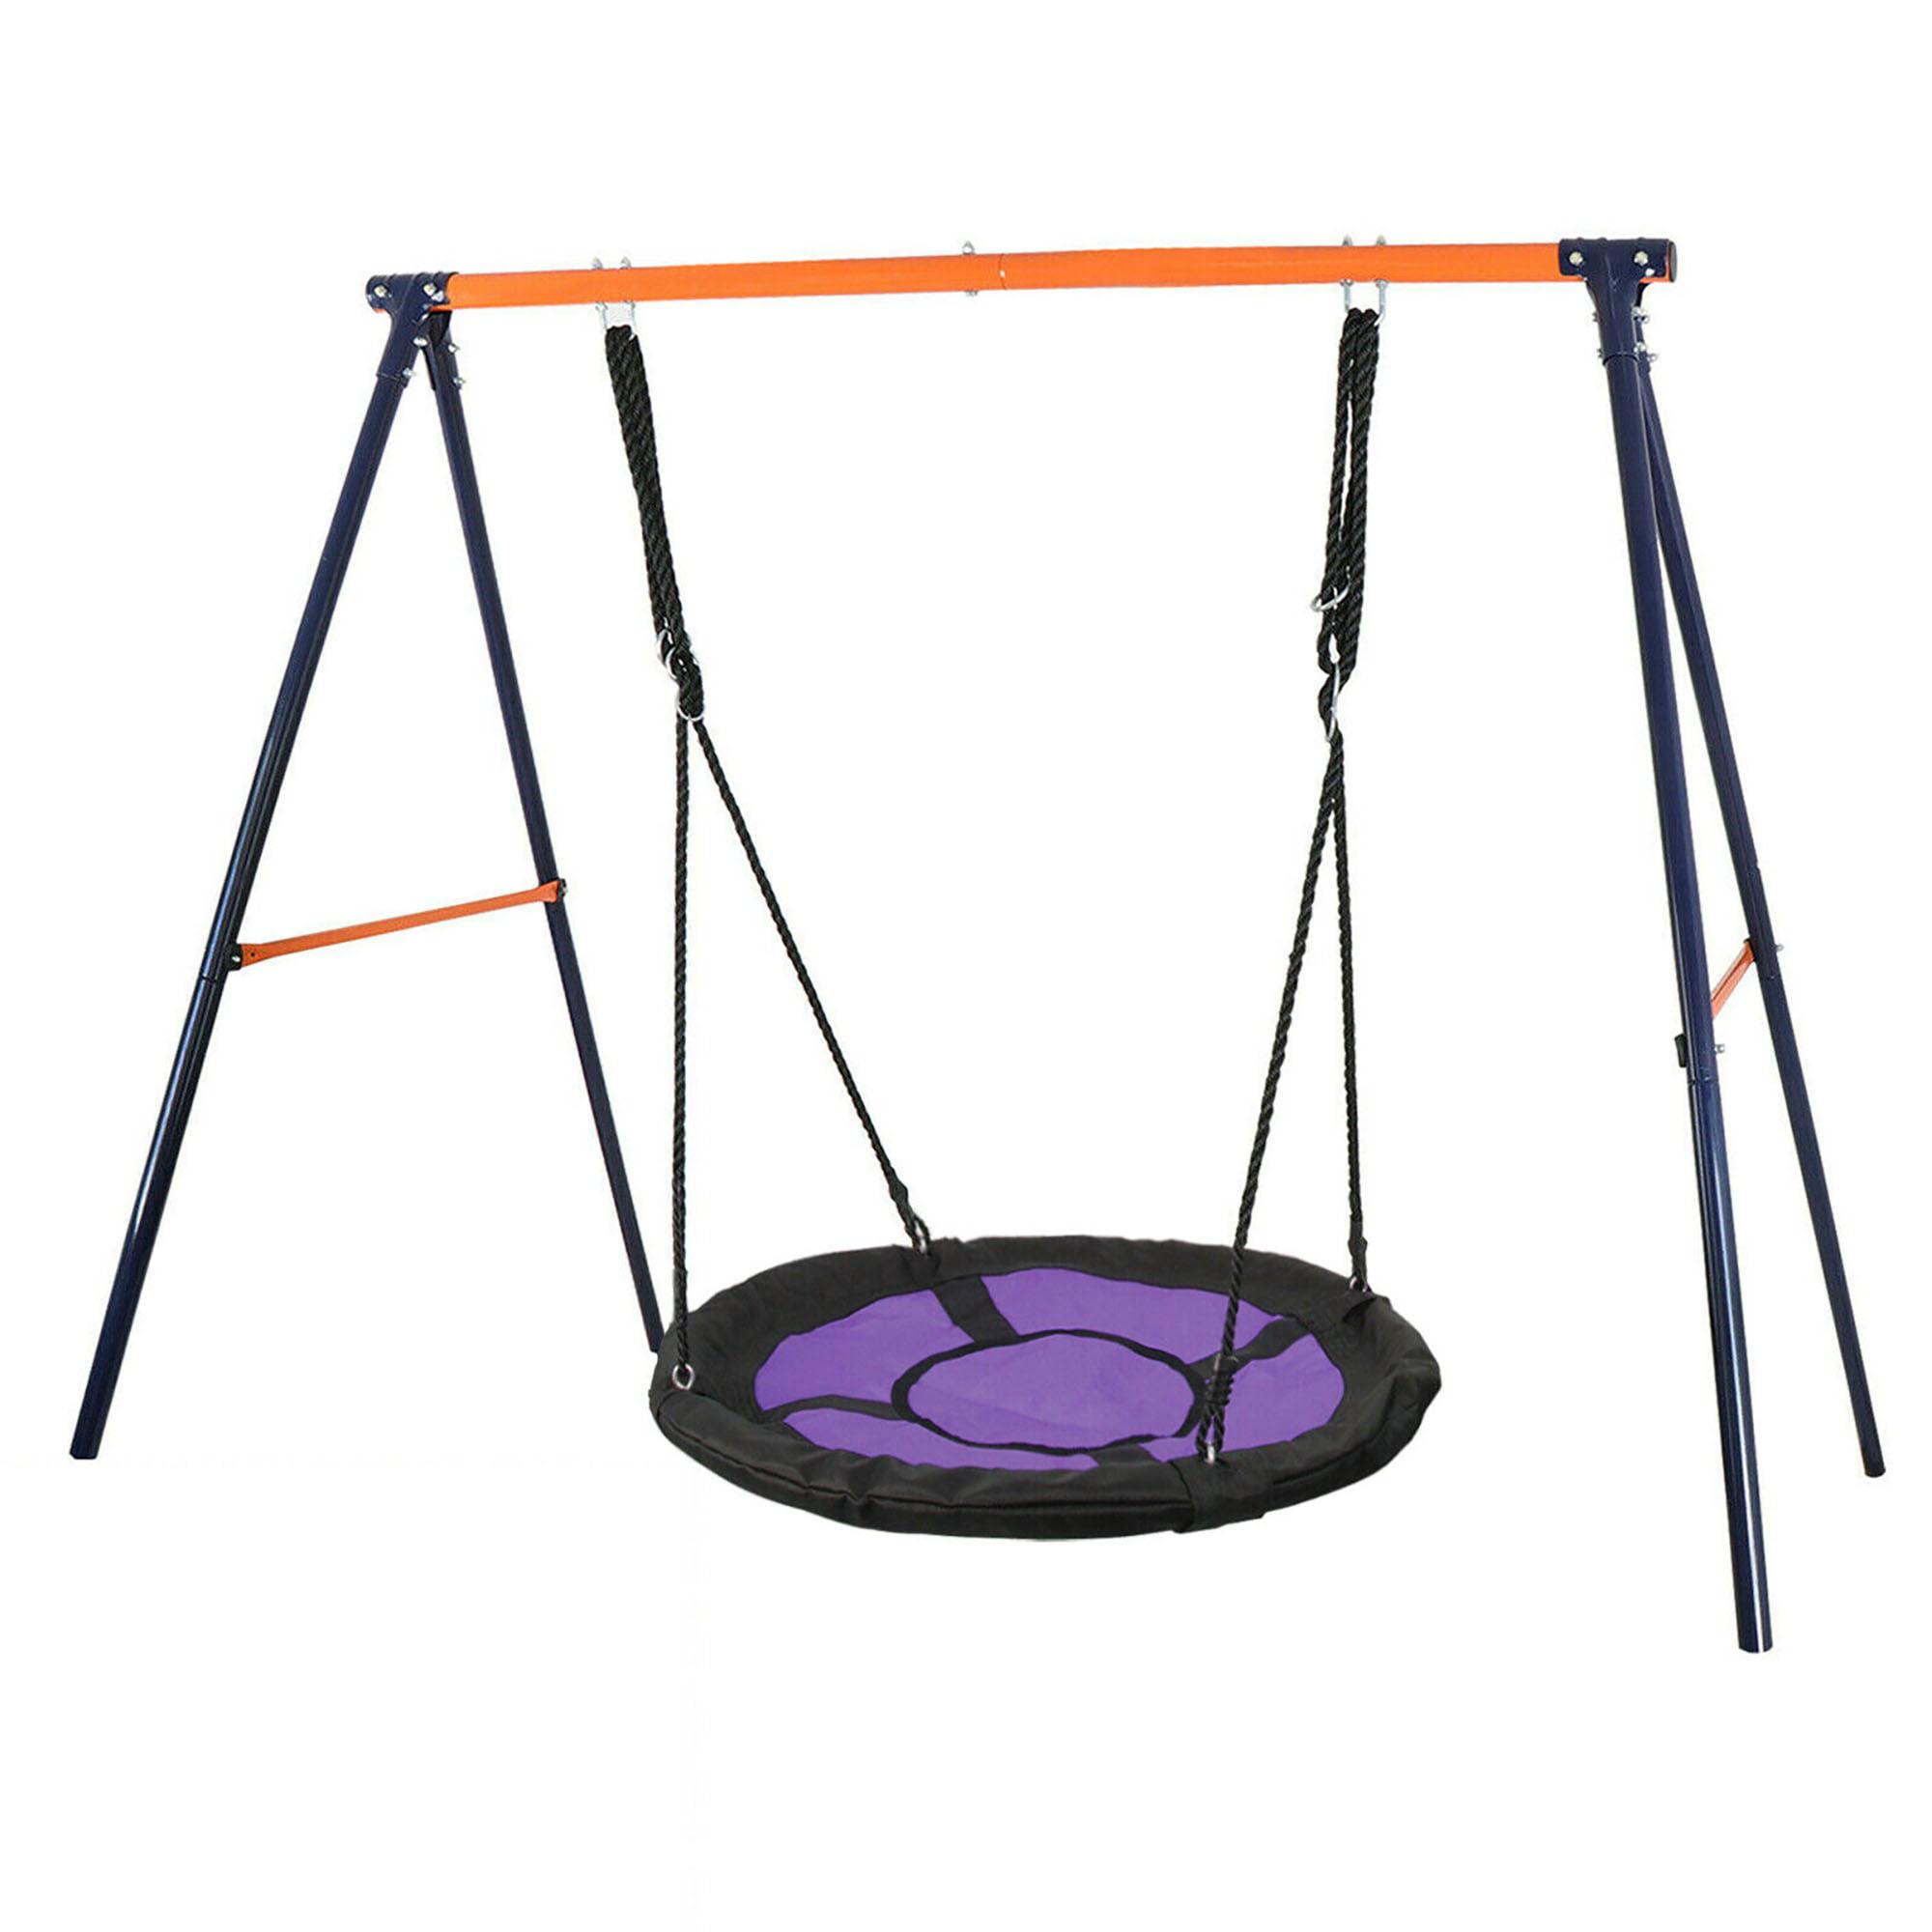 Zenstyle Swing Set 72 All Steel All Weather Stand Combo 40 Kids Web Tree Swing Saucer Swing Purple Xxl Walmart Com Walmart Com